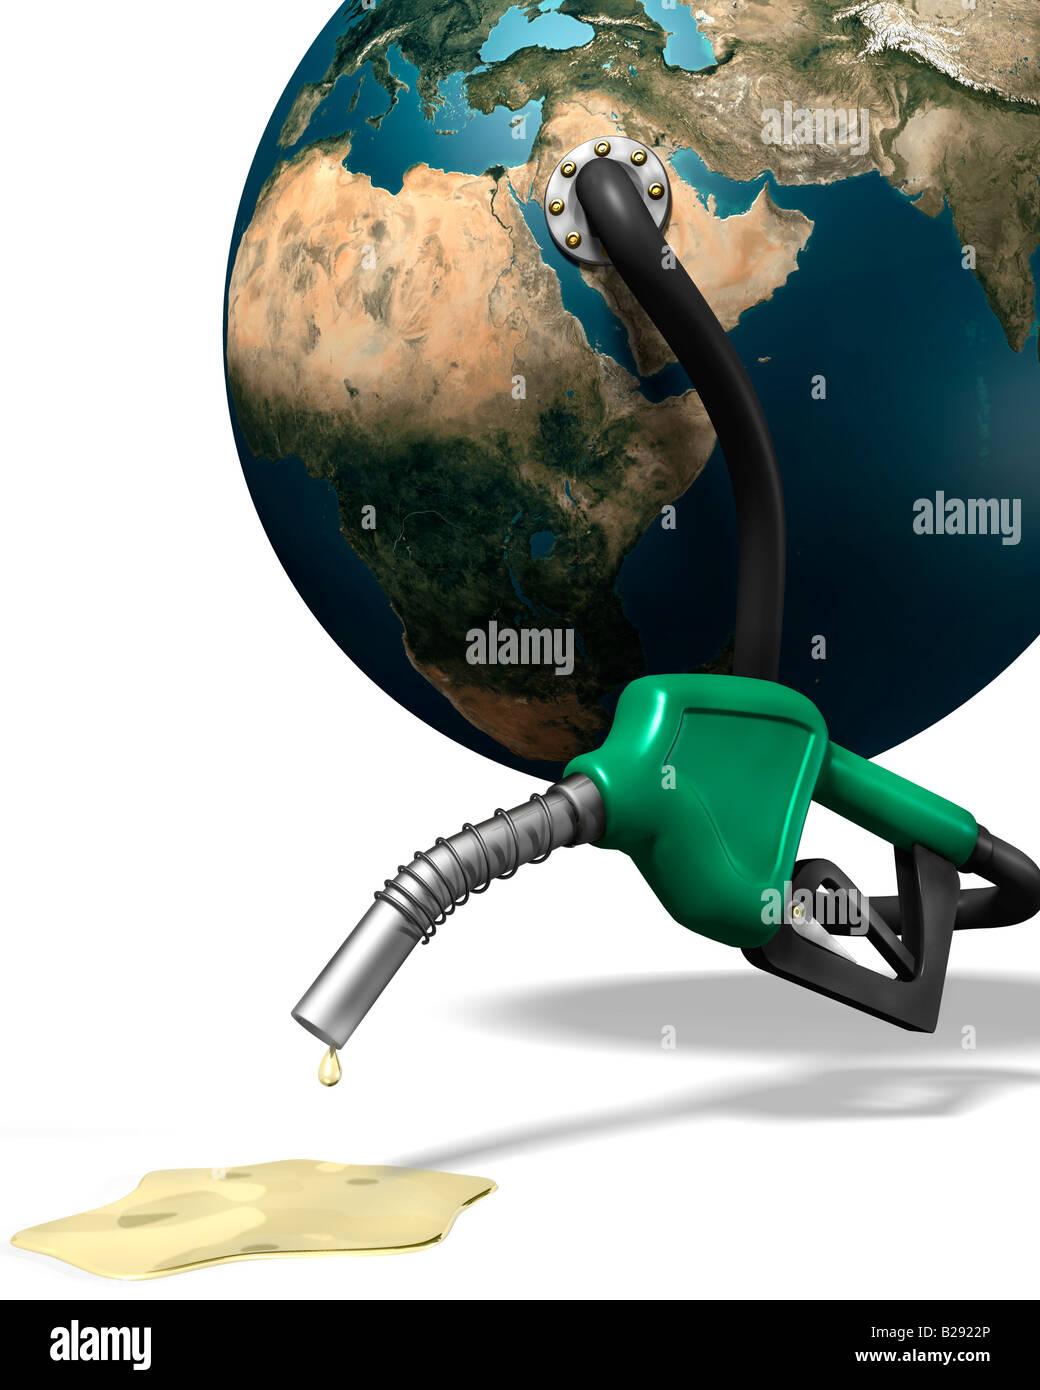 La gasolina y el concepto de crisis energética. Imagen De Stock